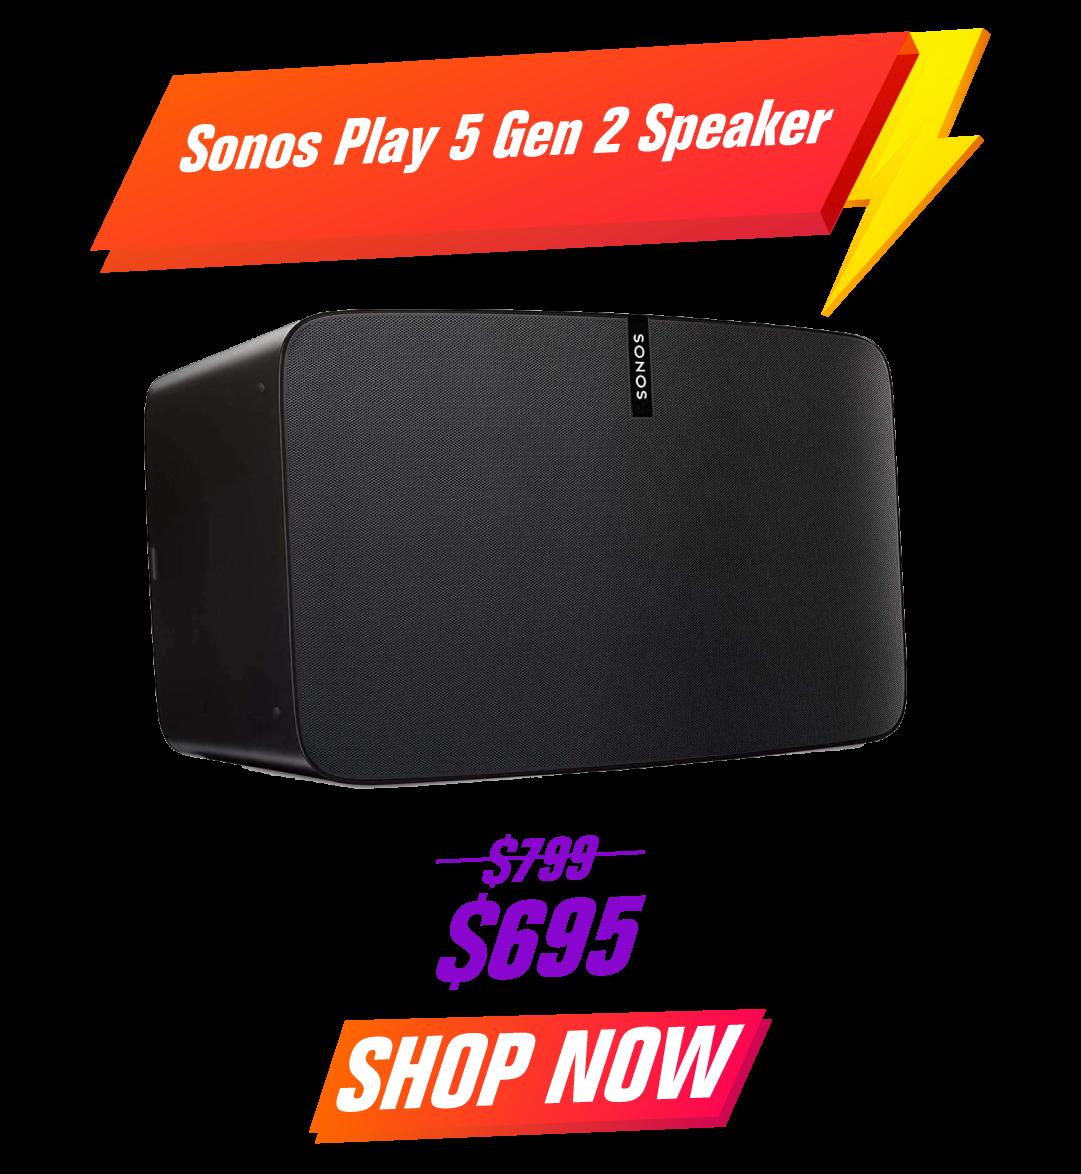 Sonos Play 5 Gen 2 Speaker - White